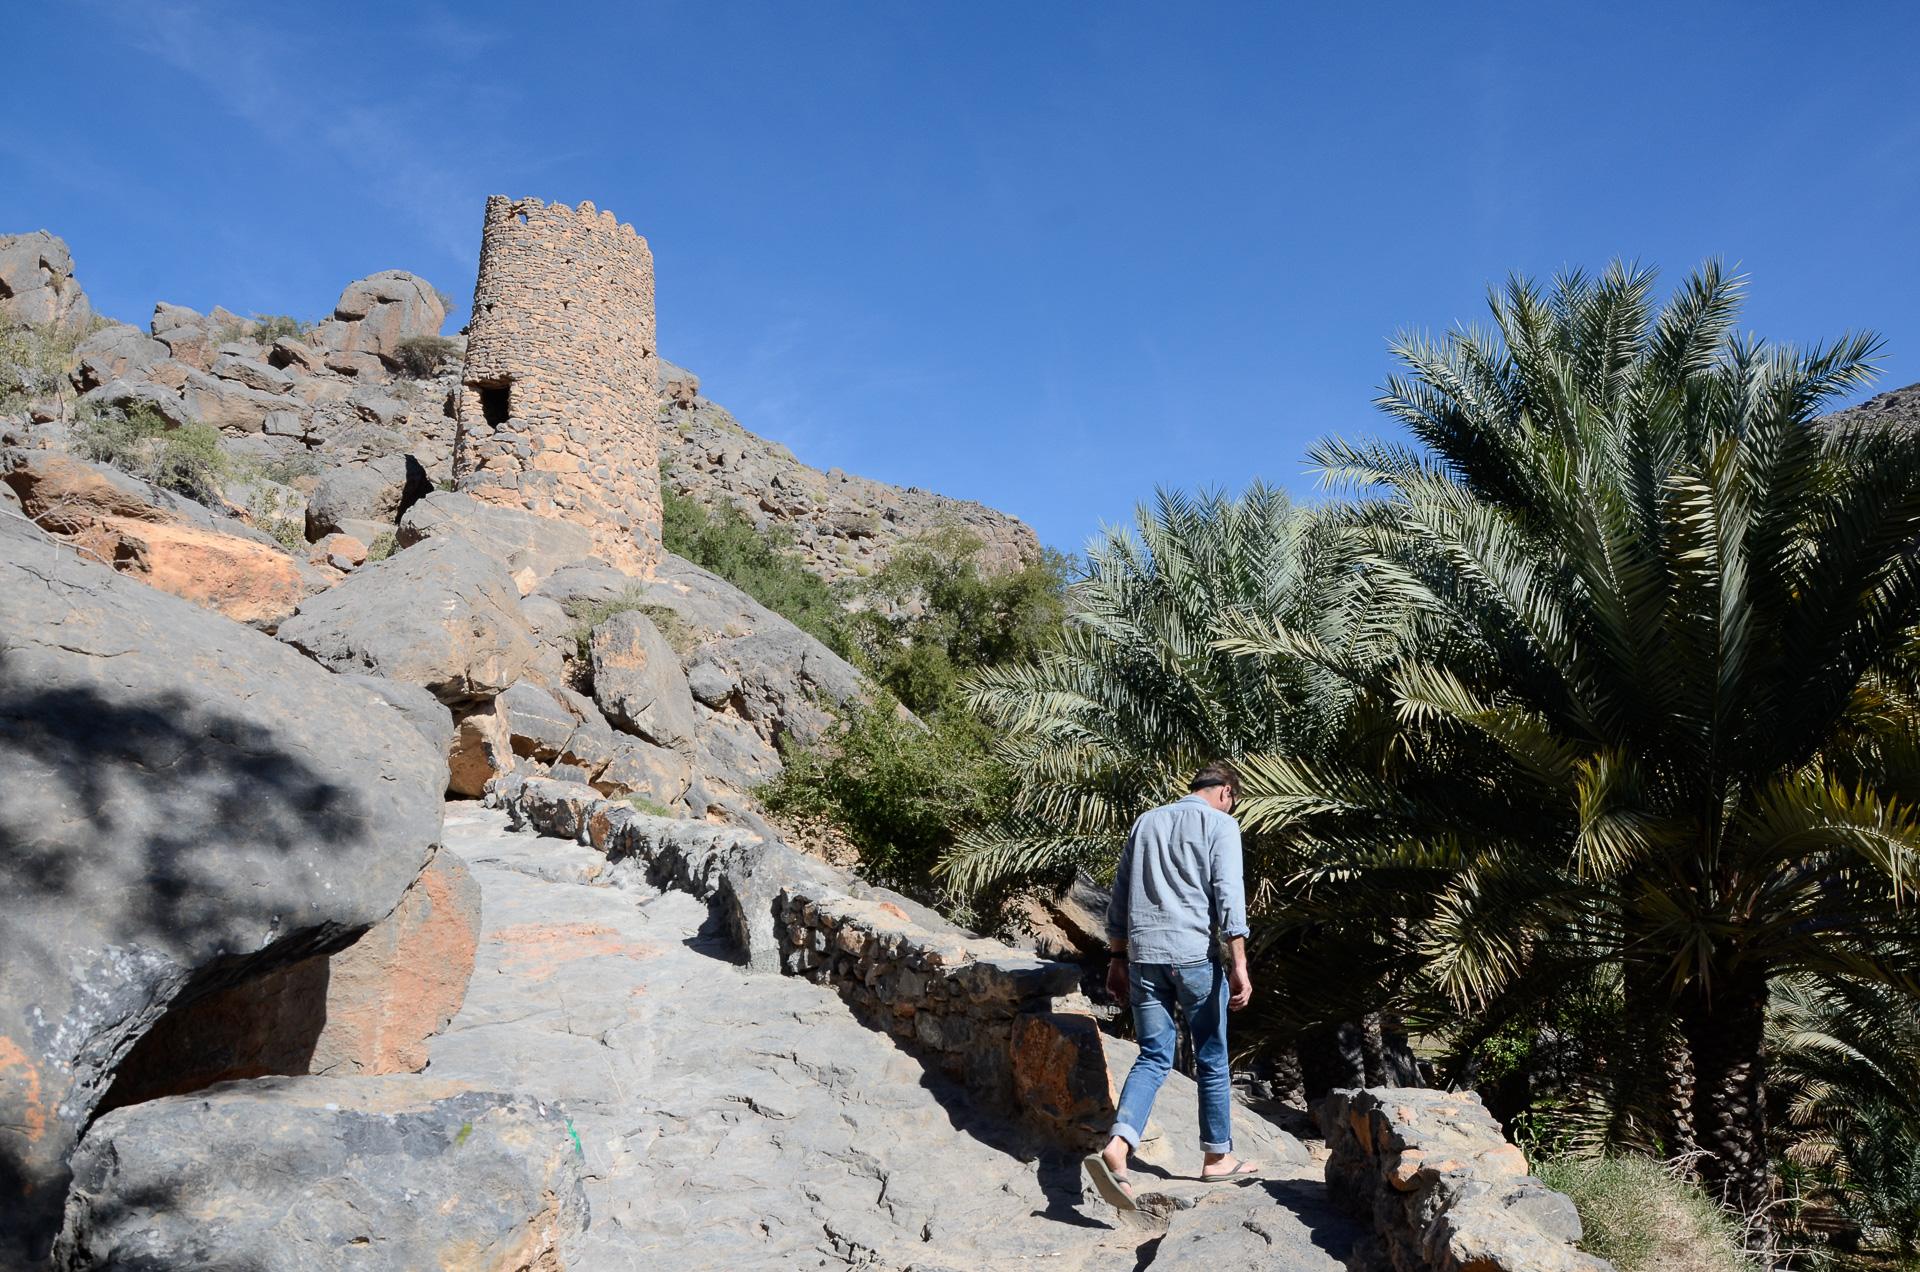 Village de Misfat Al Abreyeen